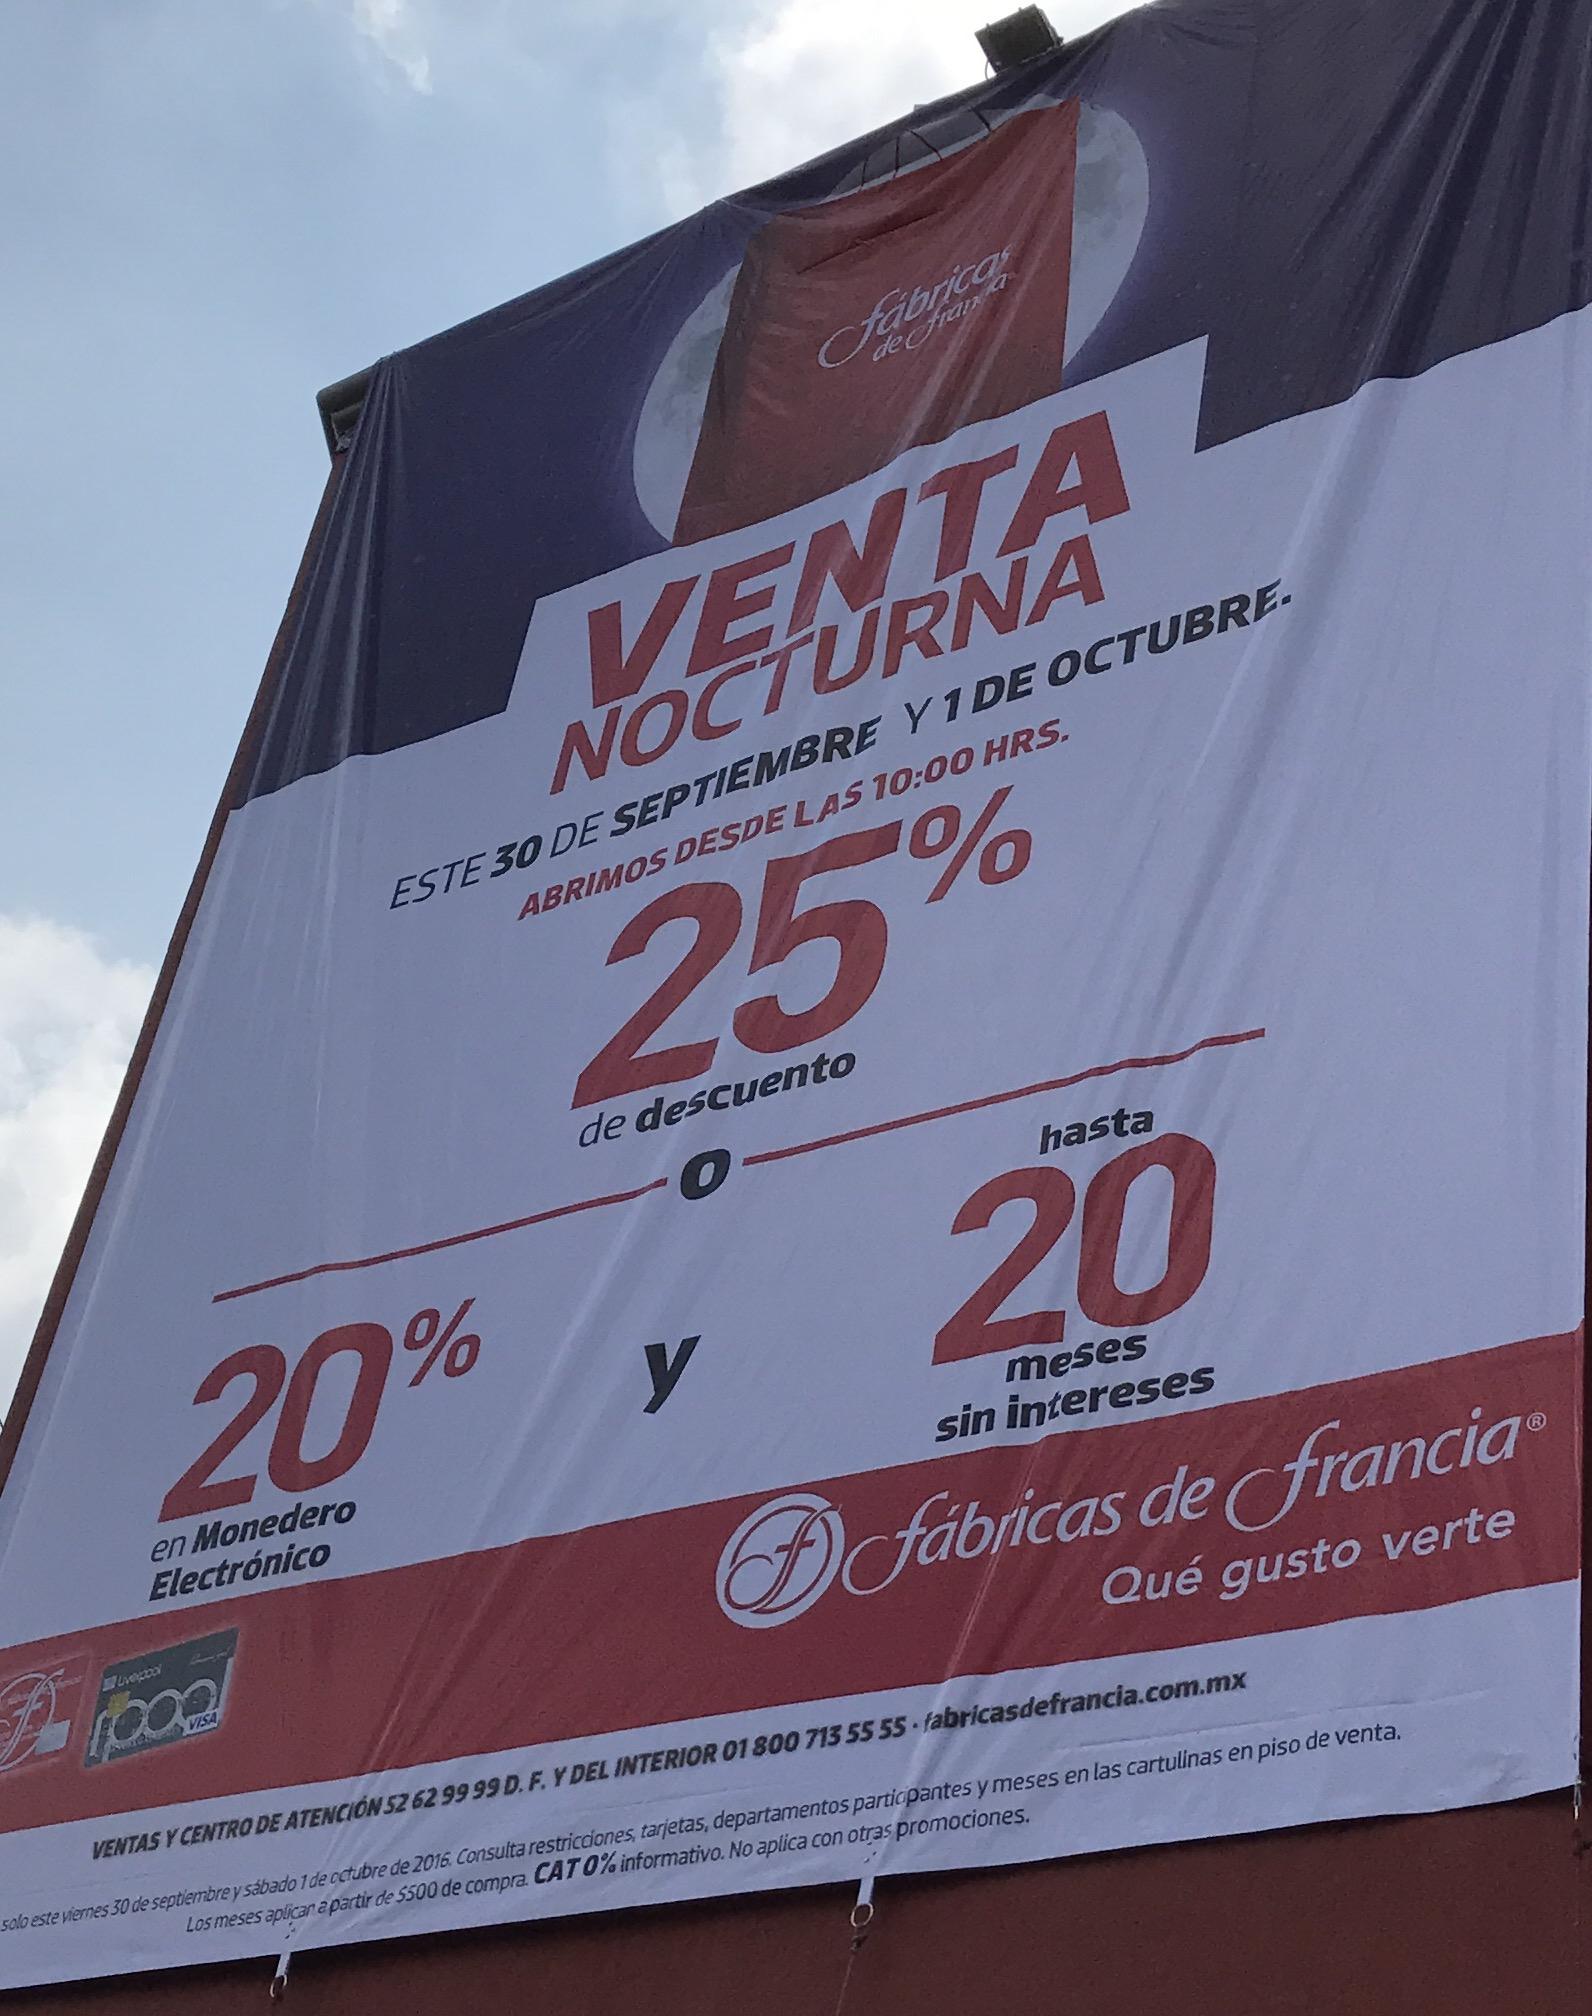 Venta Nocturna en Fábricas de Francia 30 Sep y 1 Oct